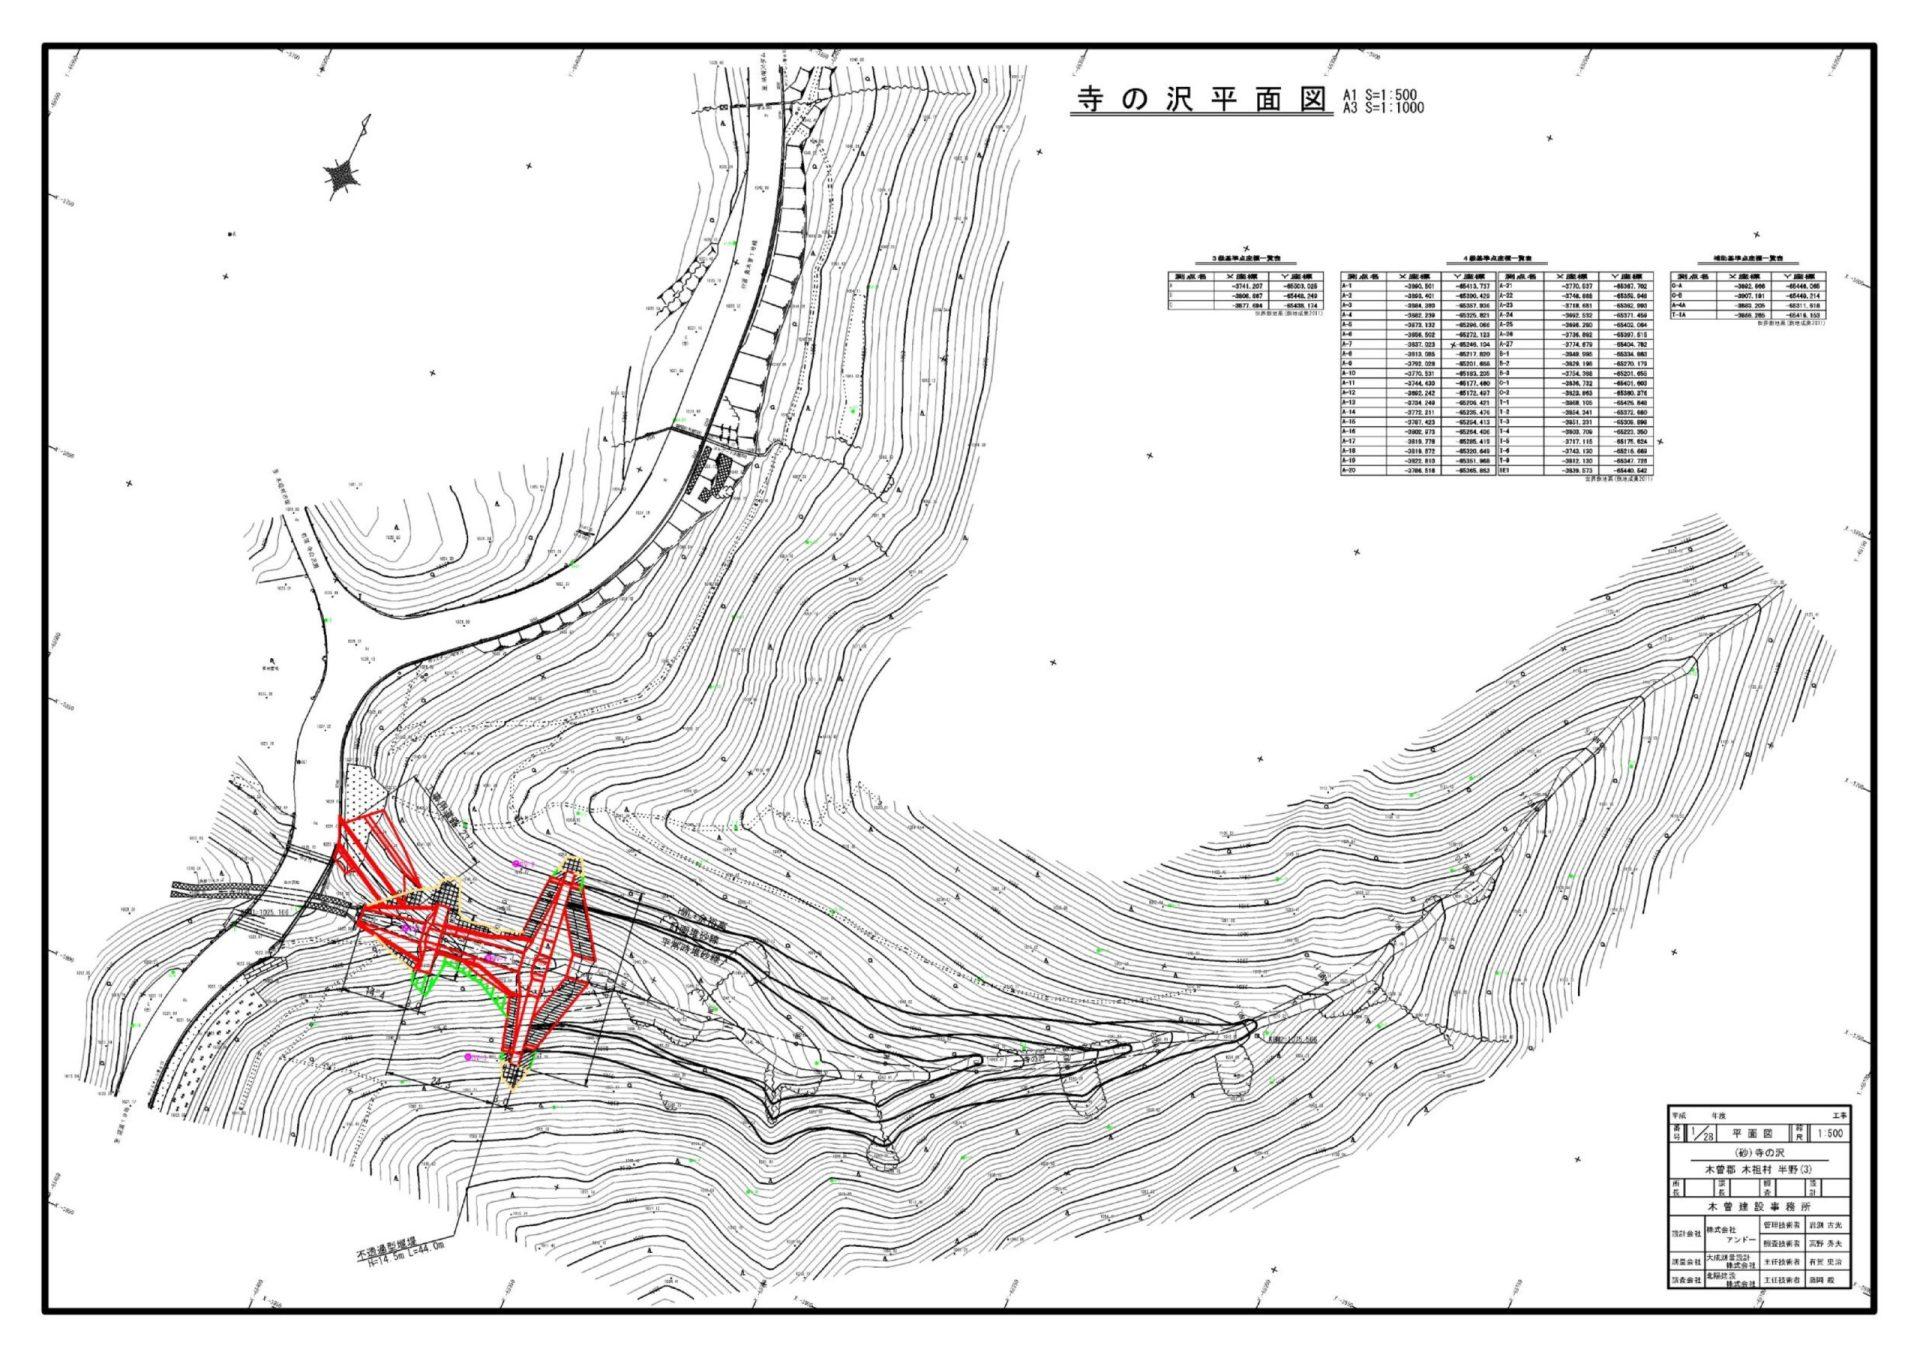 木祖村半野 寺の沢 砂防堰堤設計